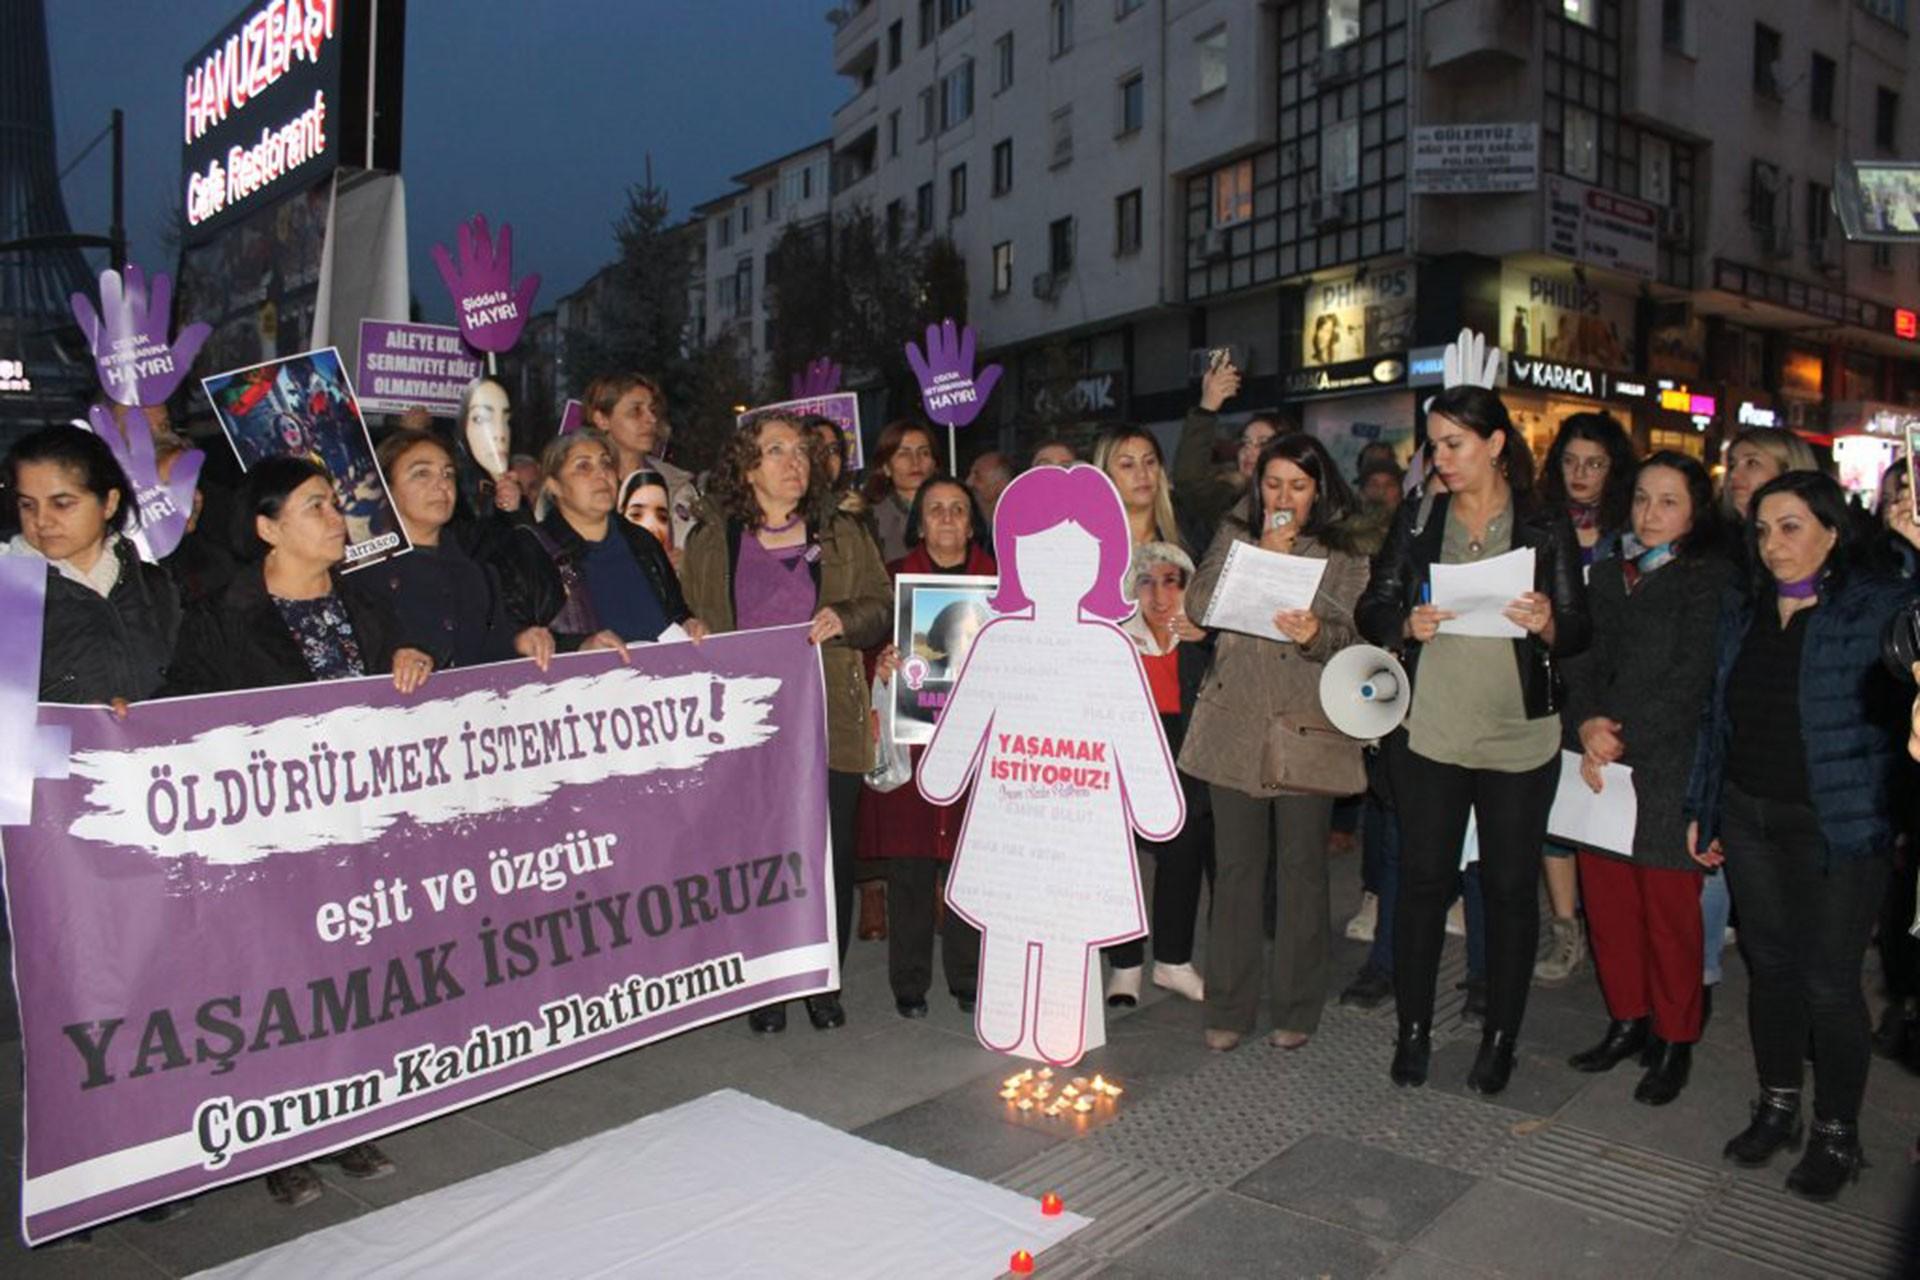 Çorum'da 25 Kasım eylemi